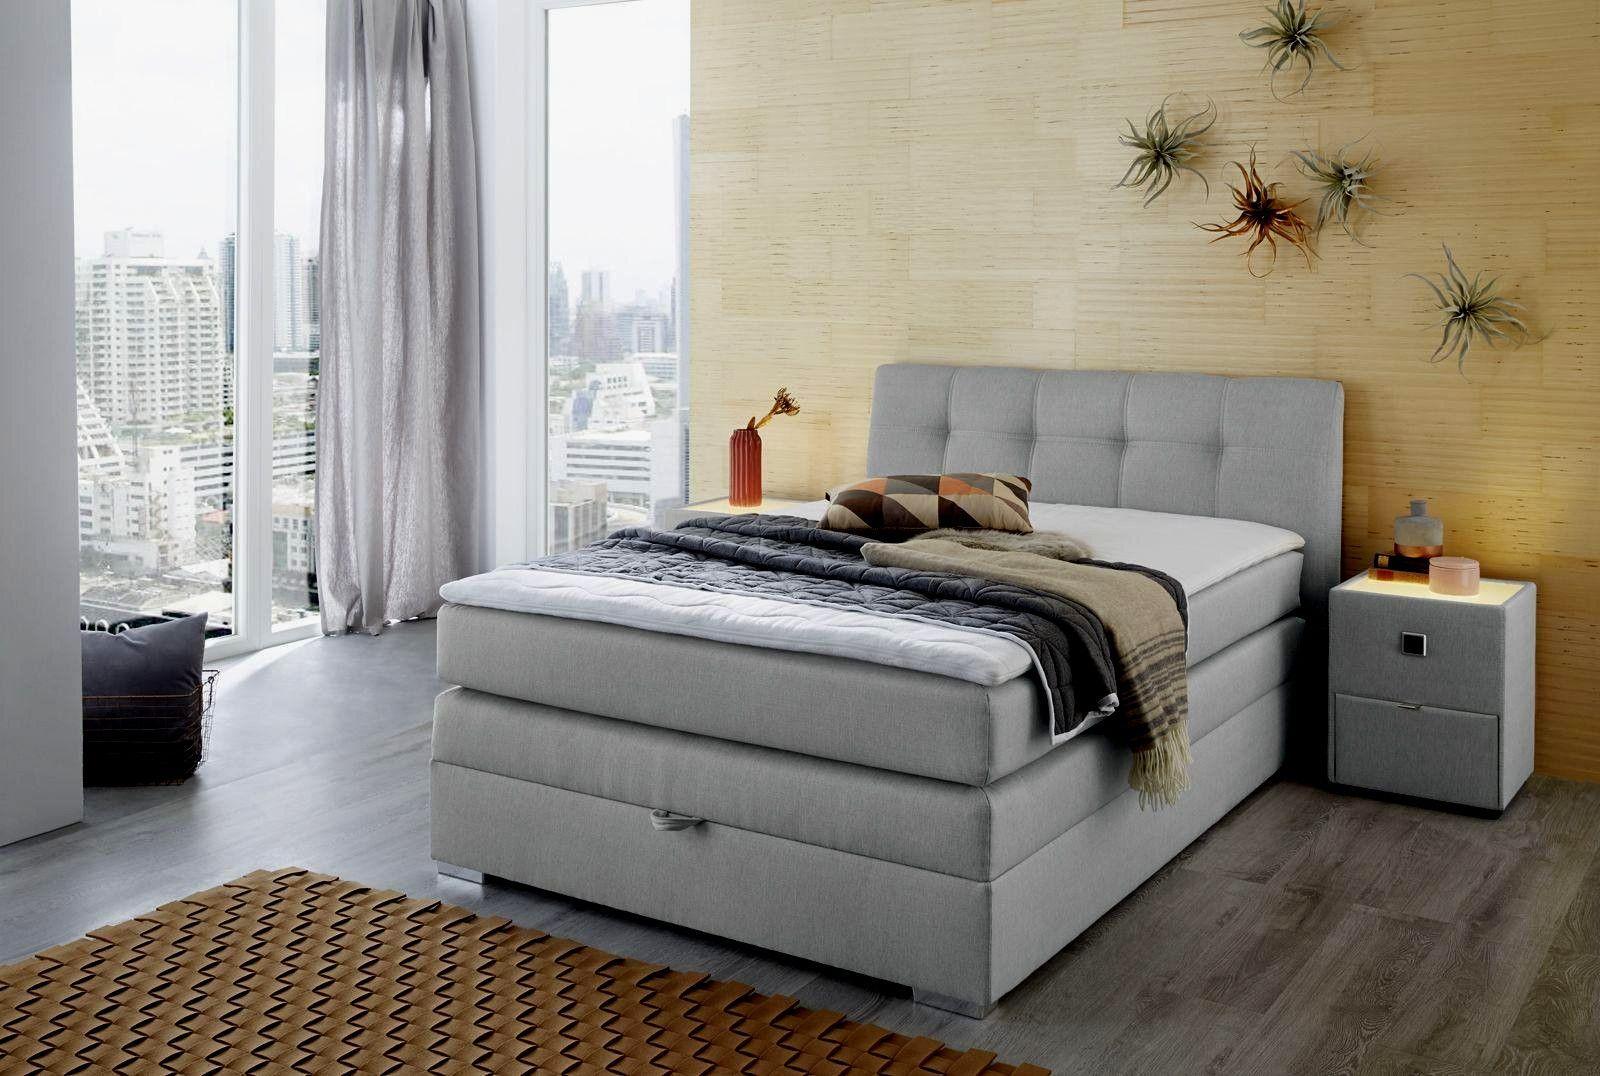 Hausdesign Schlafzimmer Online Kaufen Boxspringbetten